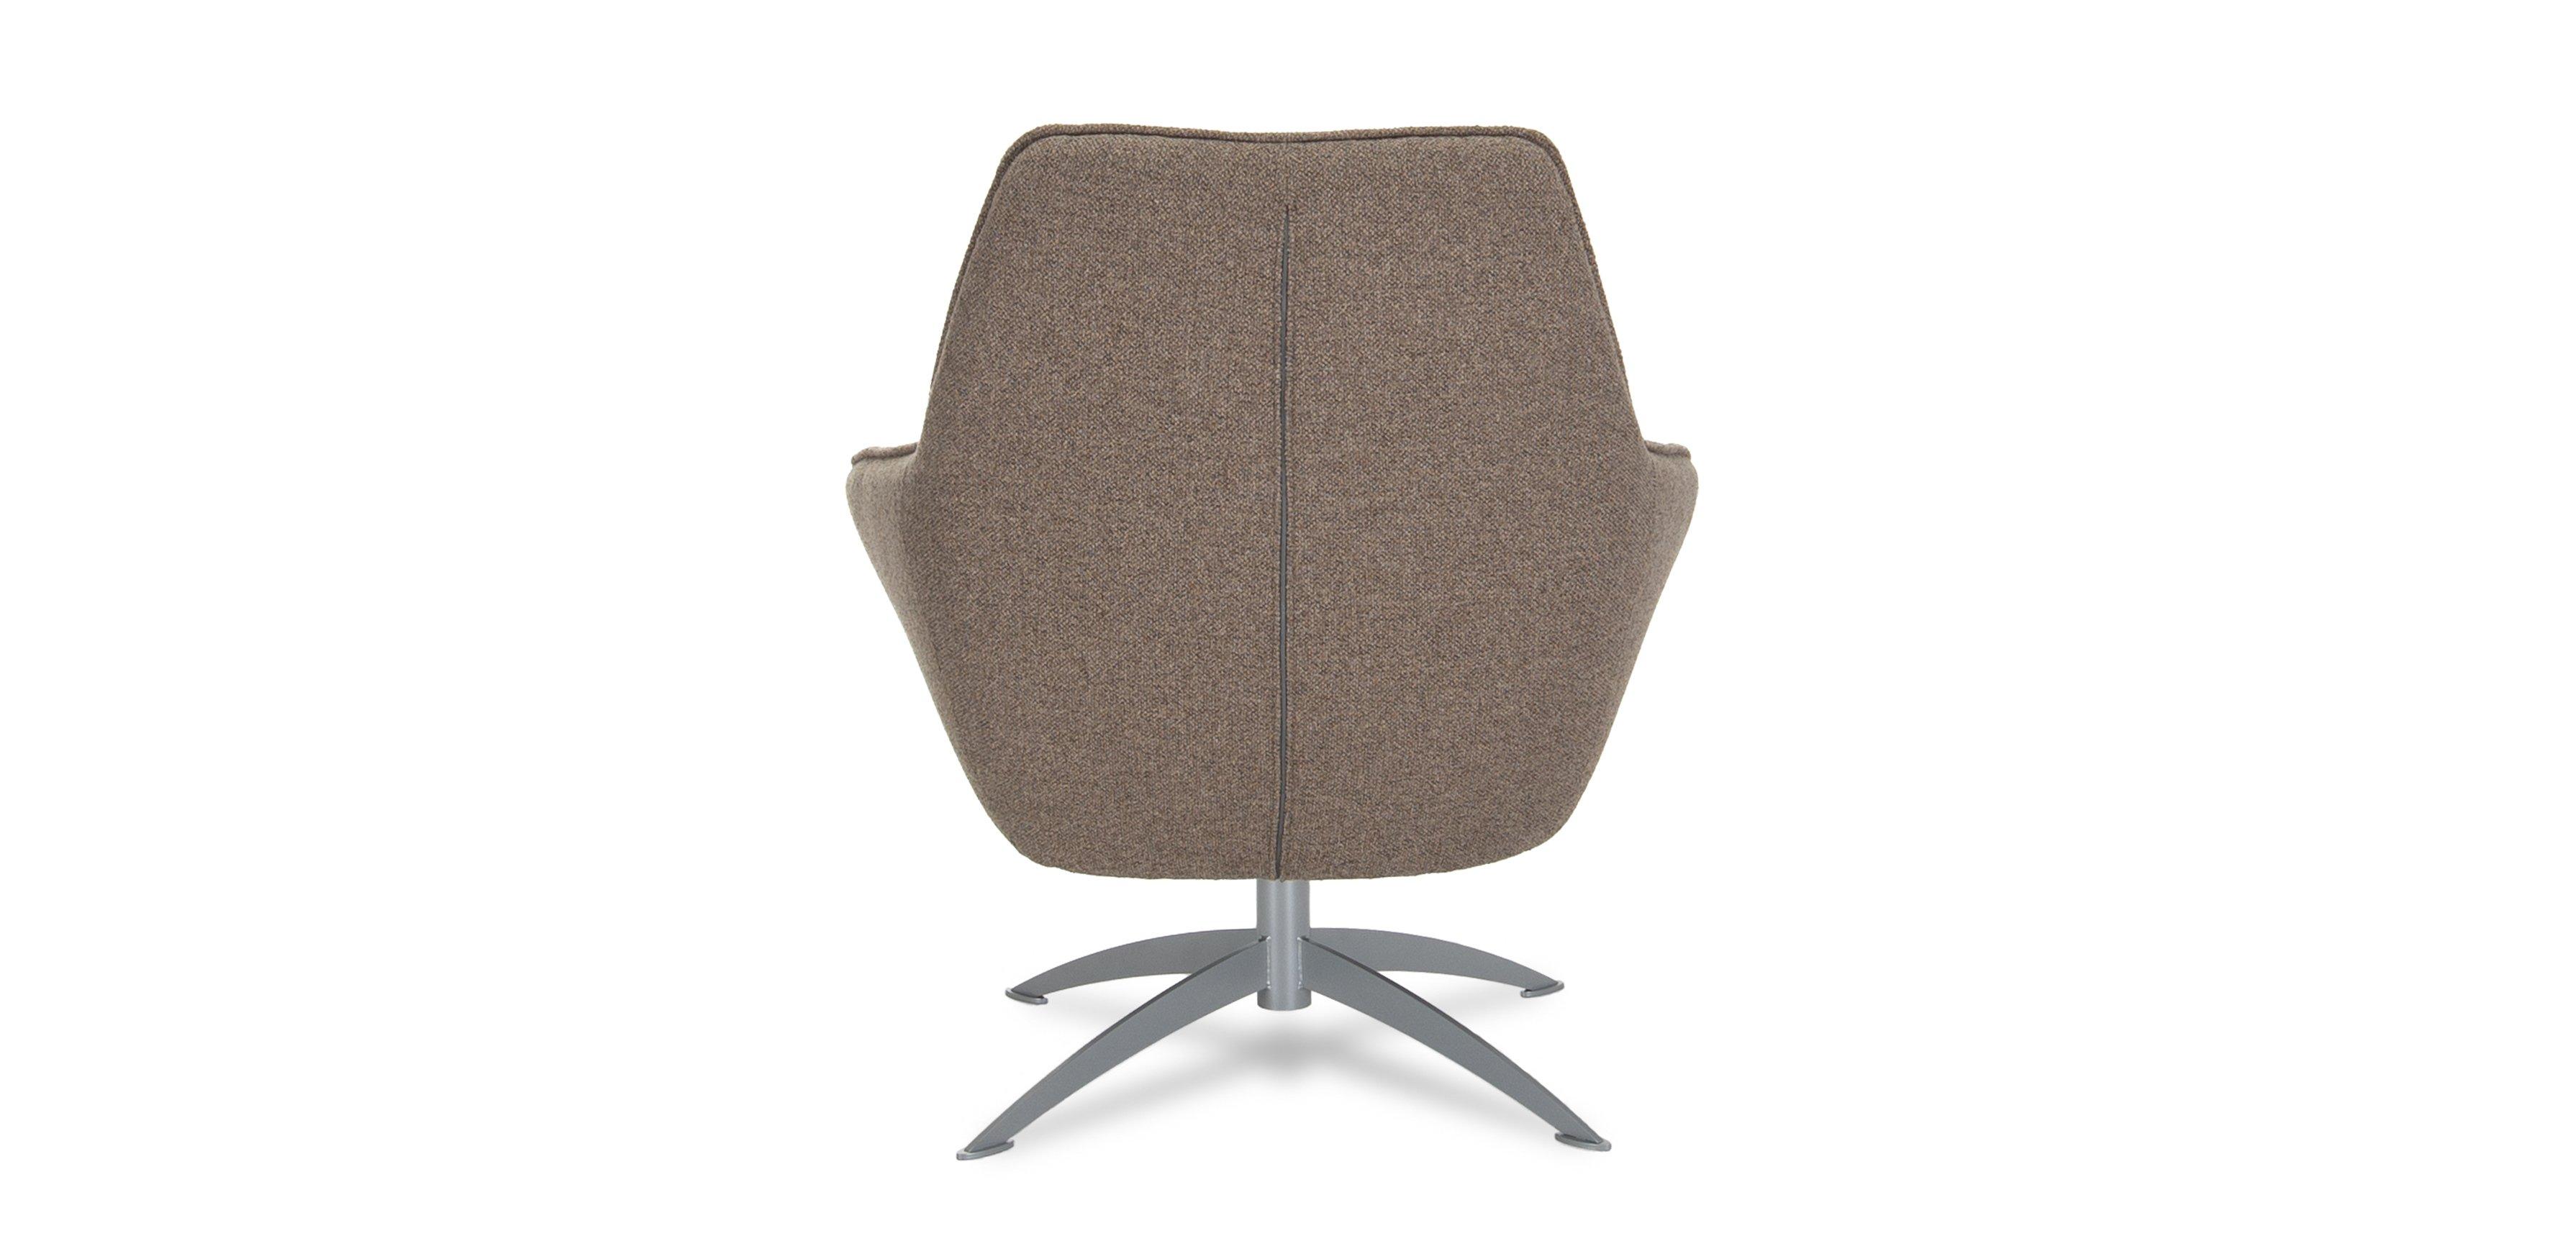 Faas fauteuil DYYK 3580x1750 6